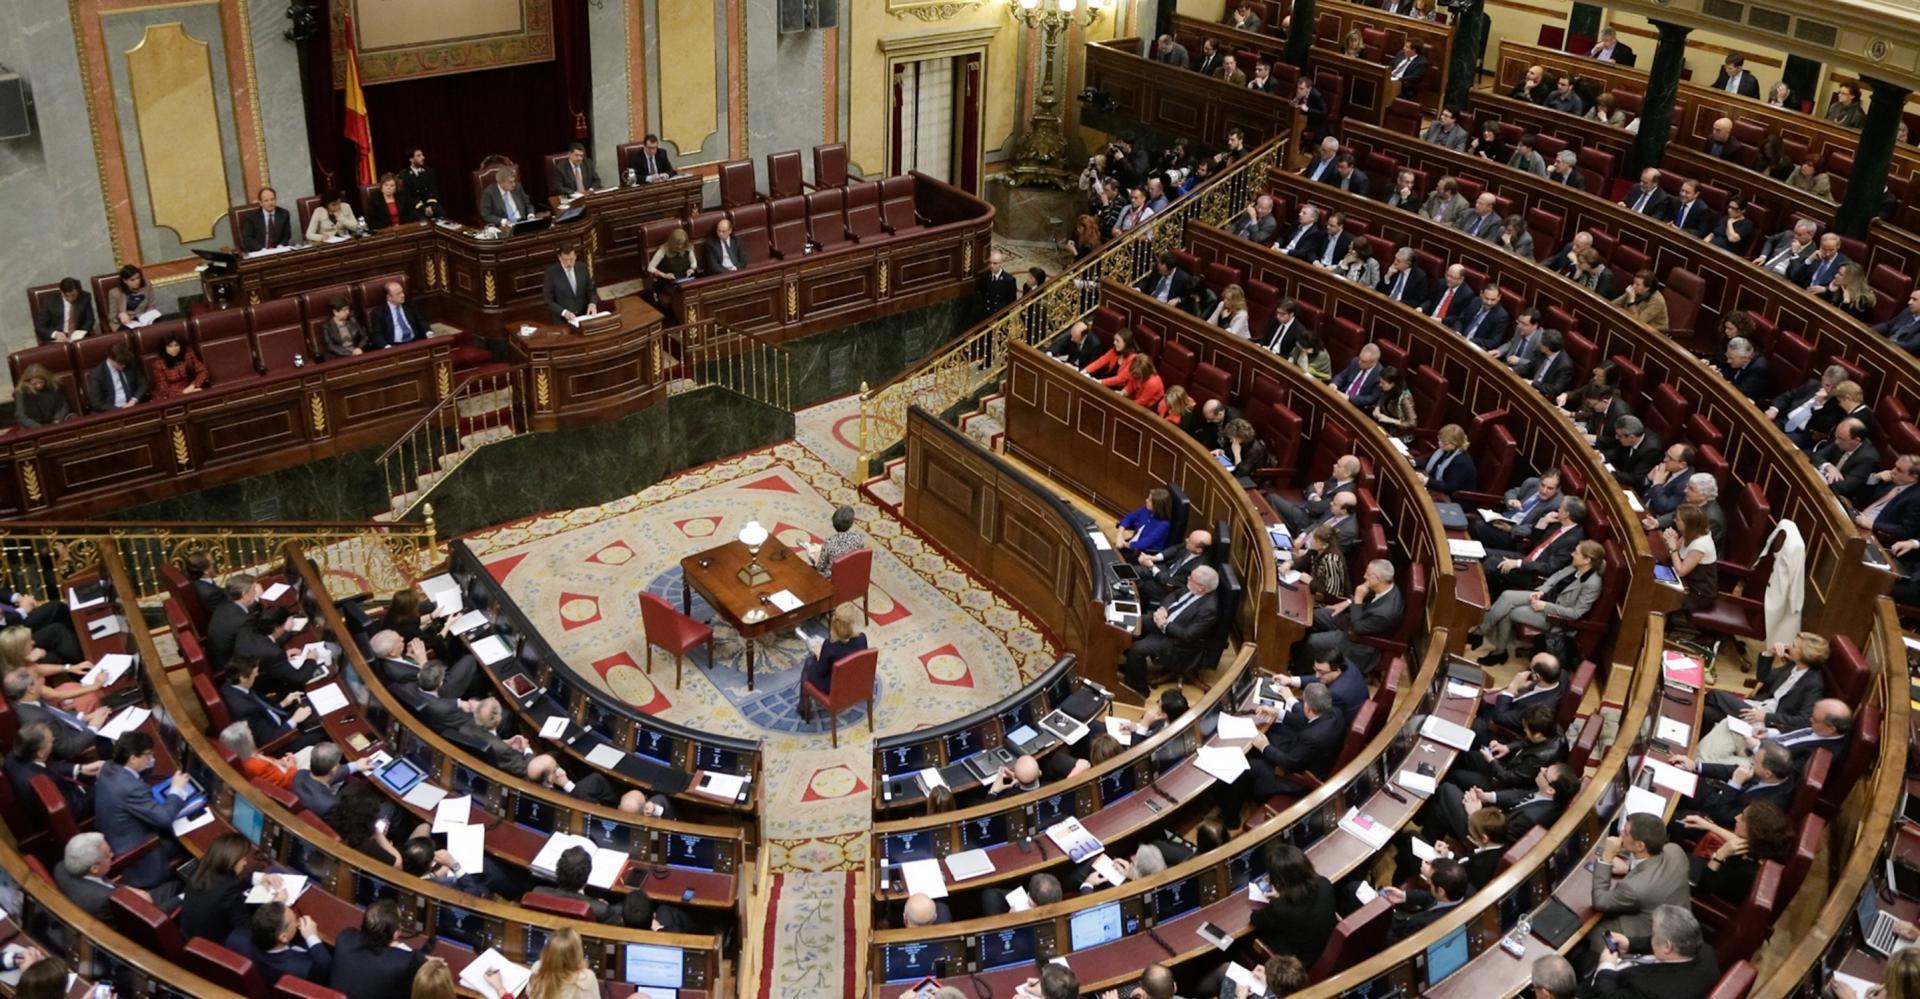 ¿En Qué Universidades Estudiaron los Diputados del Congreso? Por Mario Quijano Sánchez